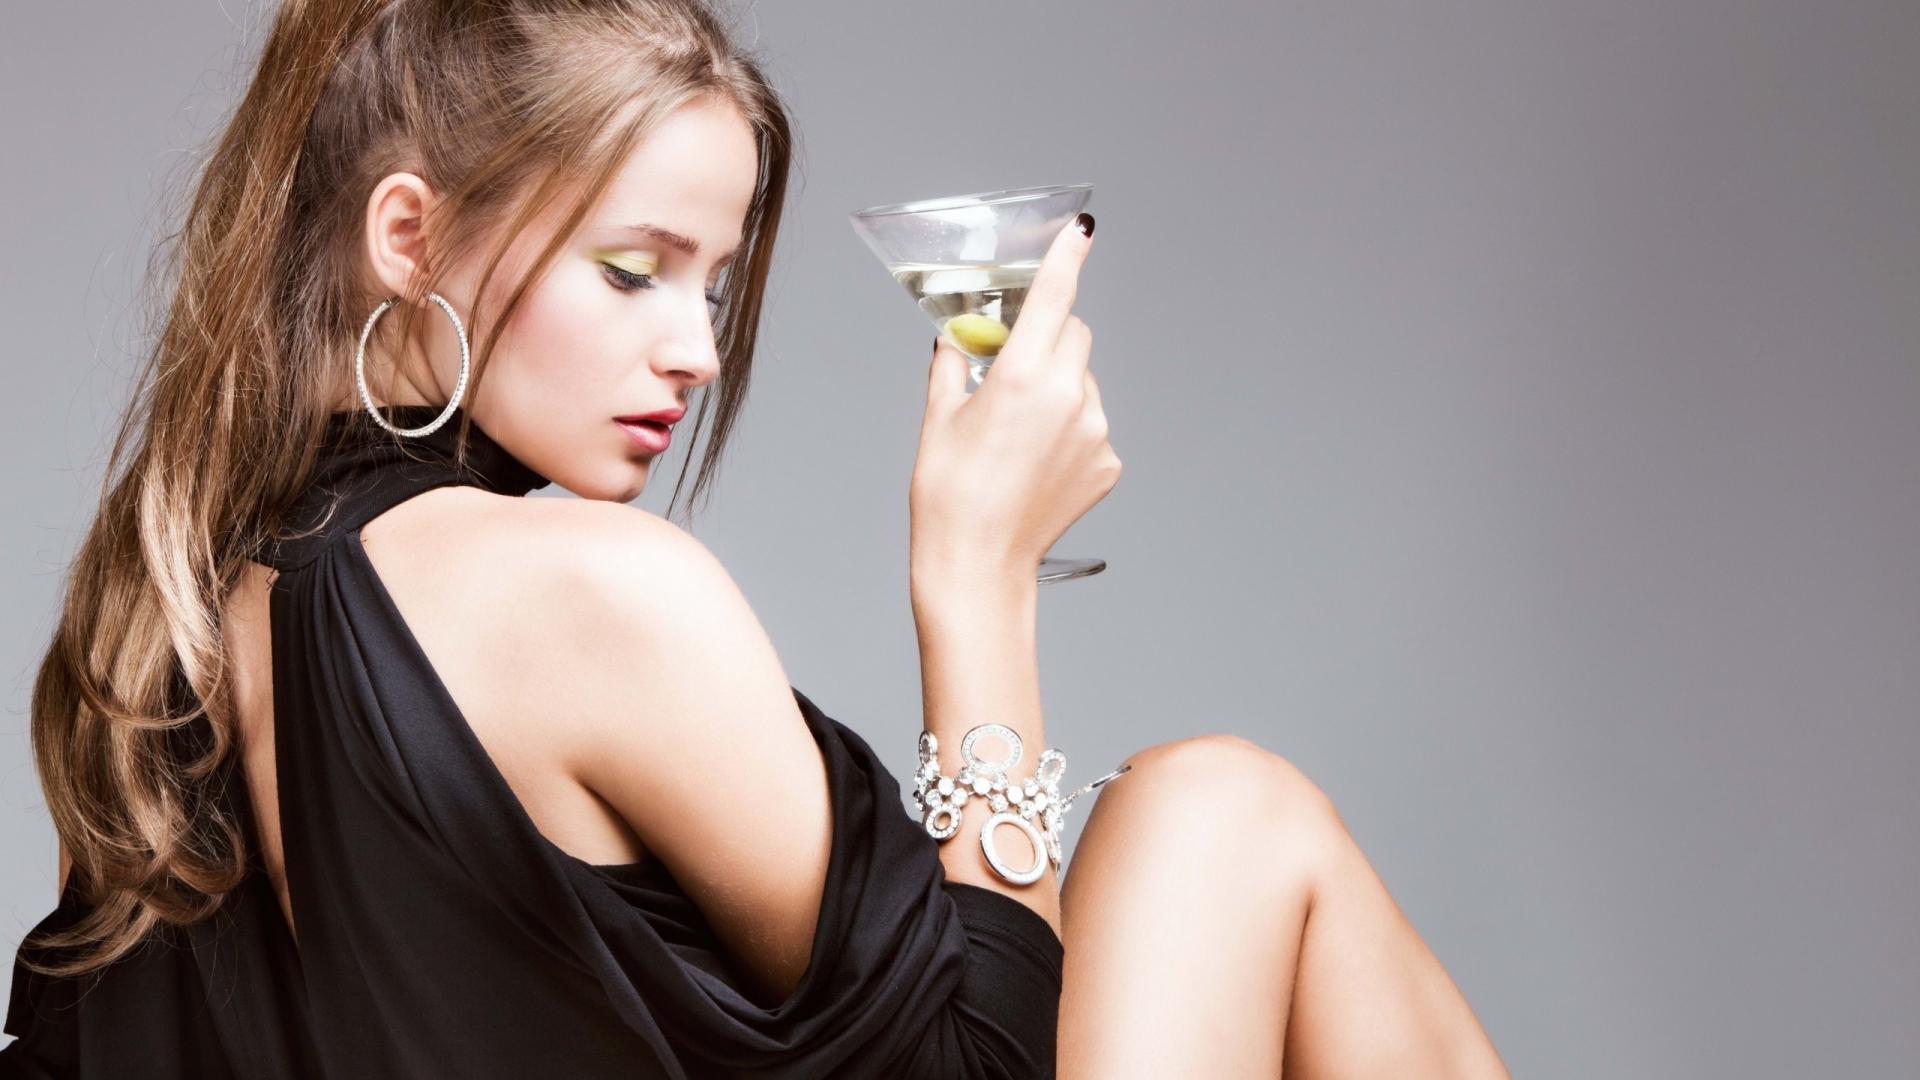 Con una copa de martini - 1920x1080